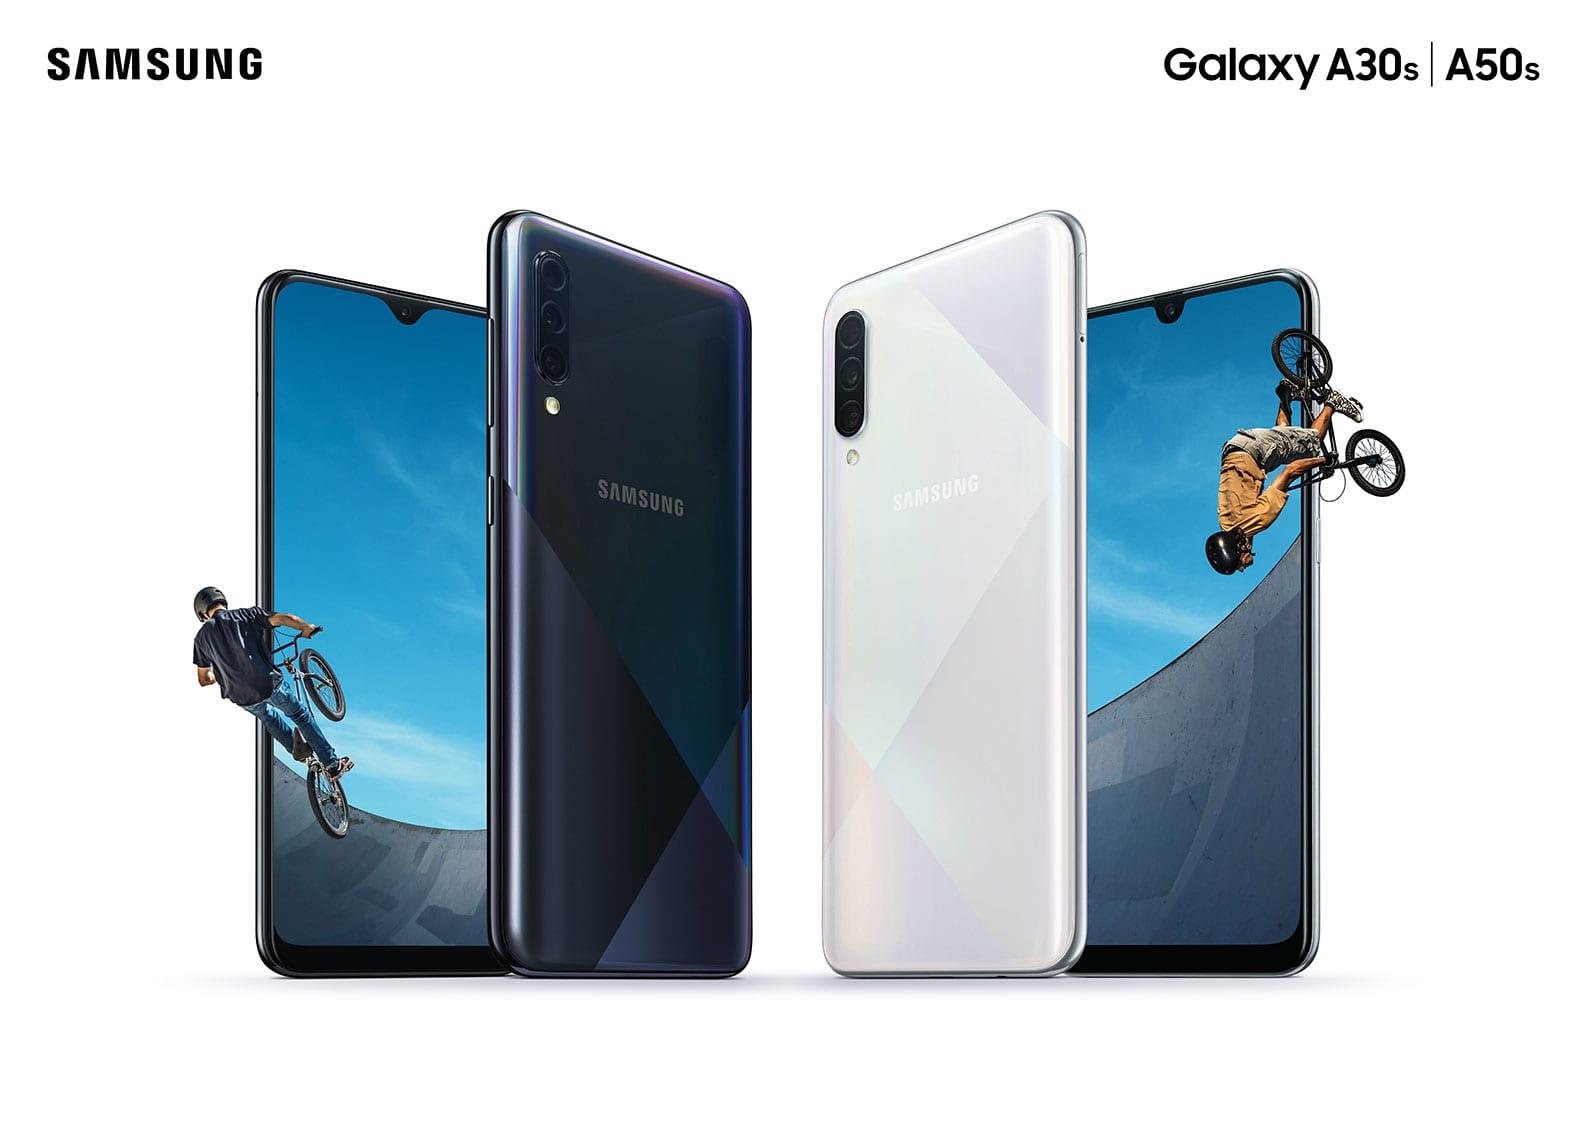 Samsung prezintă smartphone-urile Galaxy A50s și A30s